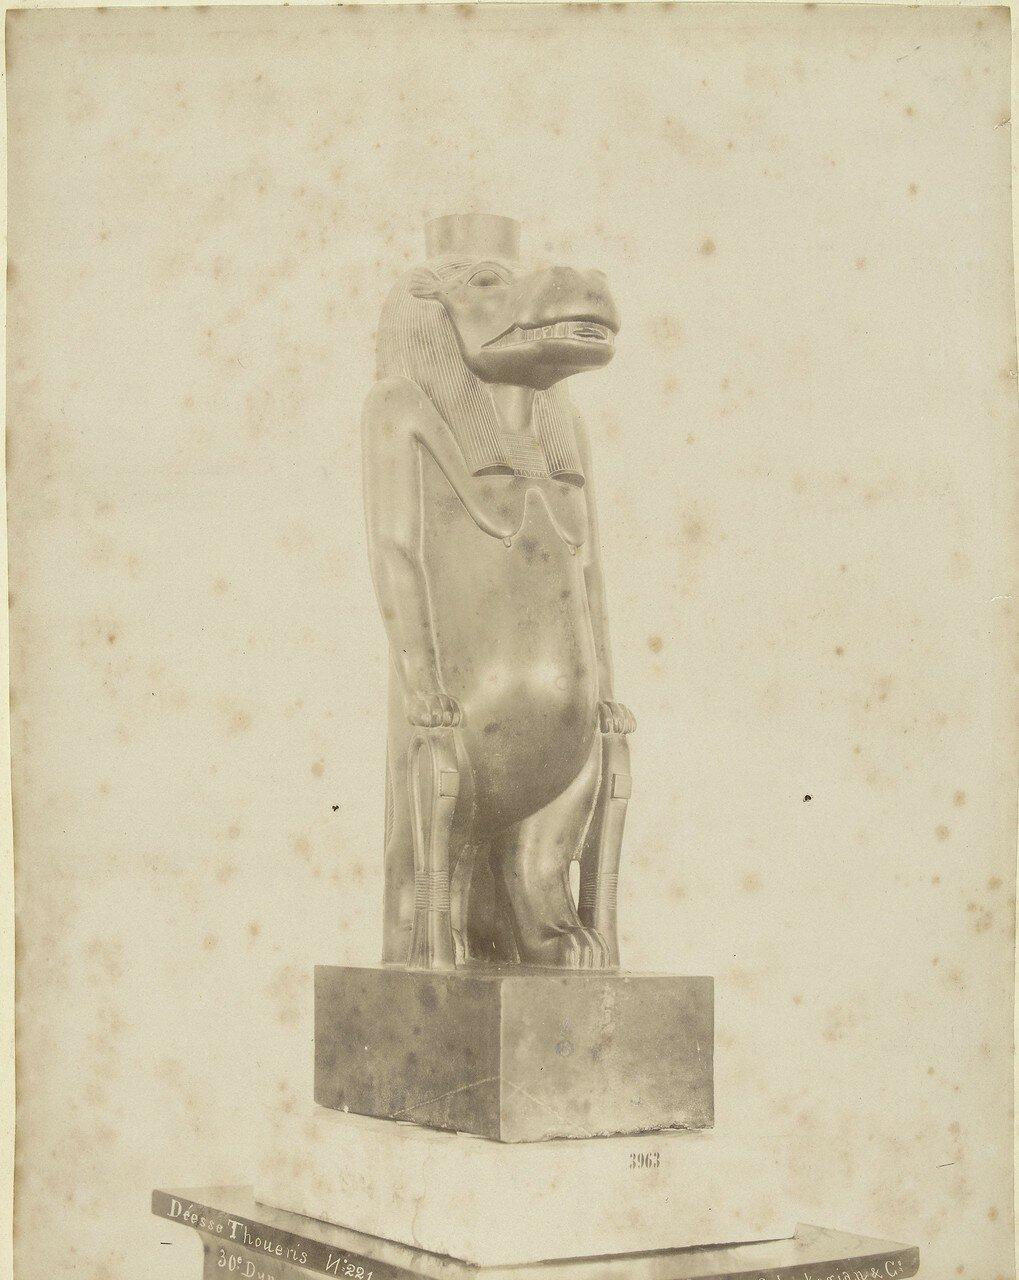 Изображение Туэриса в египетском музее, 1888